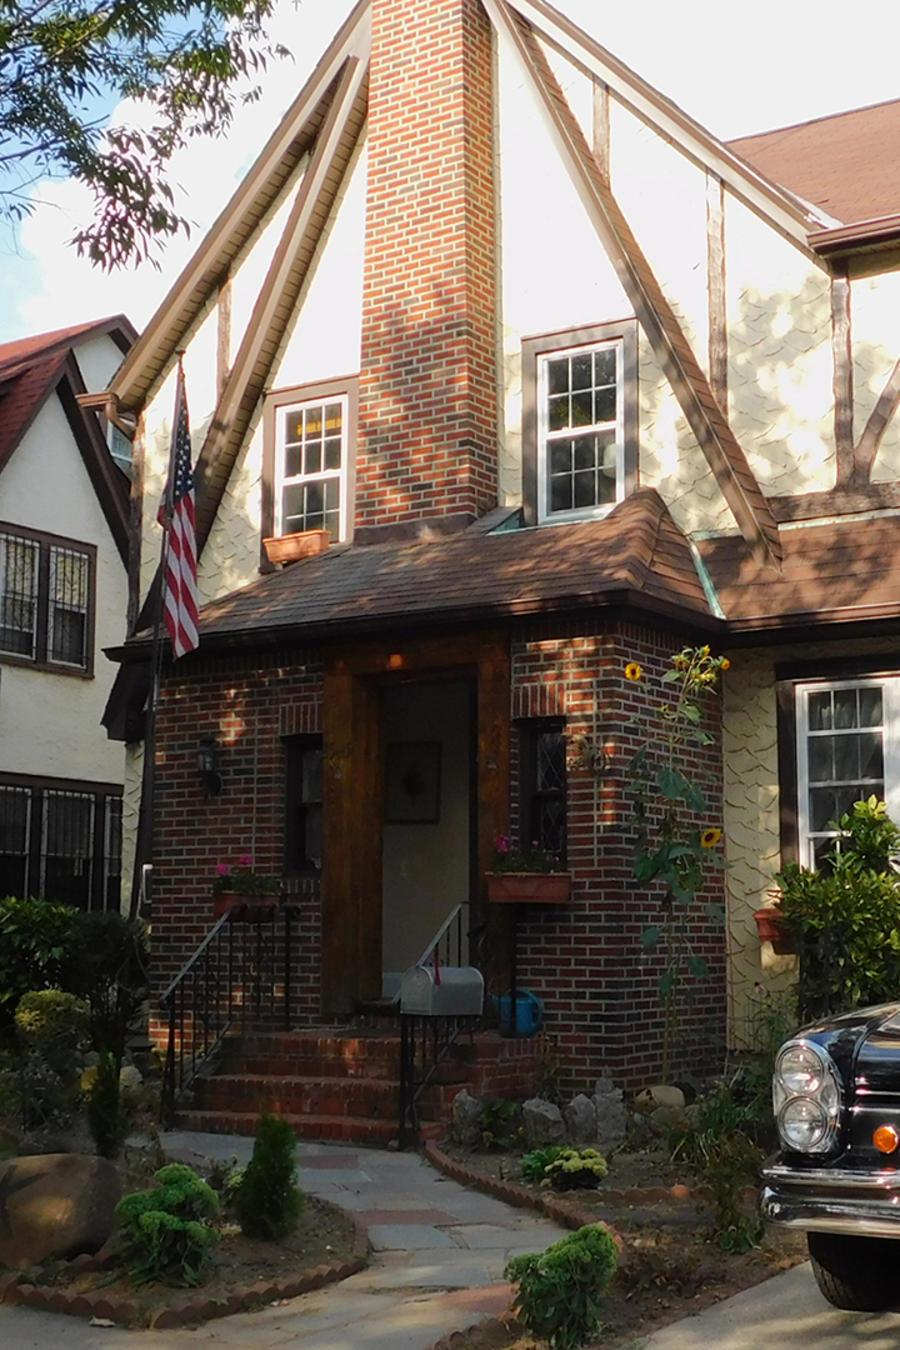 Venden la casa natal de Trump por 2,1 millones de dólares